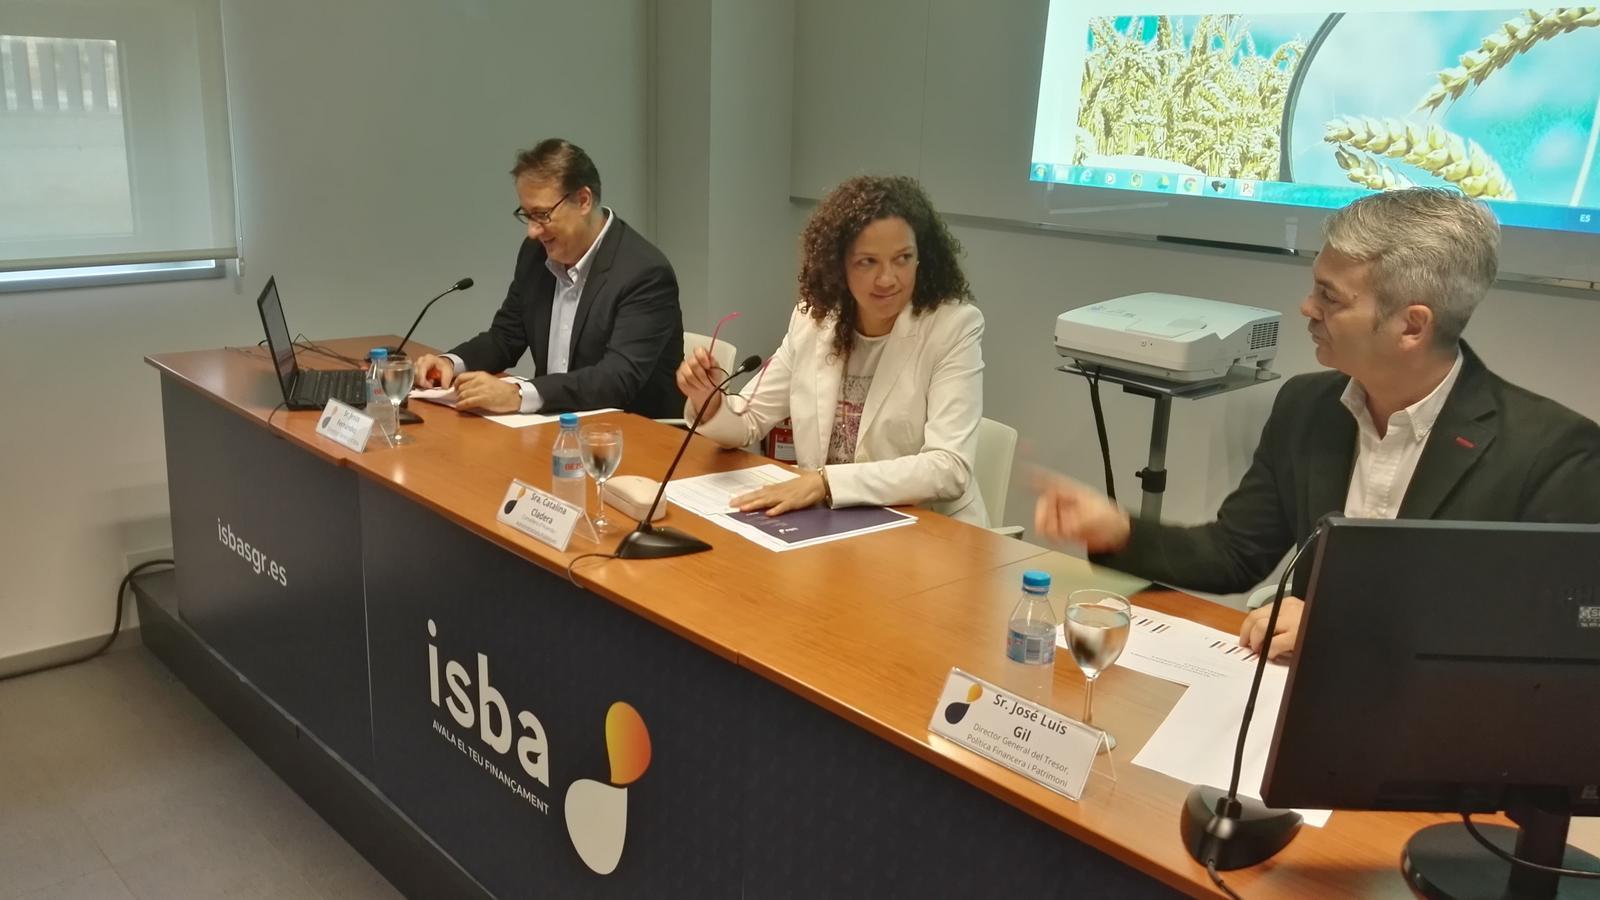 La consellera d'Hisenda, Catalina Cladera, durant la presentació dels comptes anuals d'ISBA.